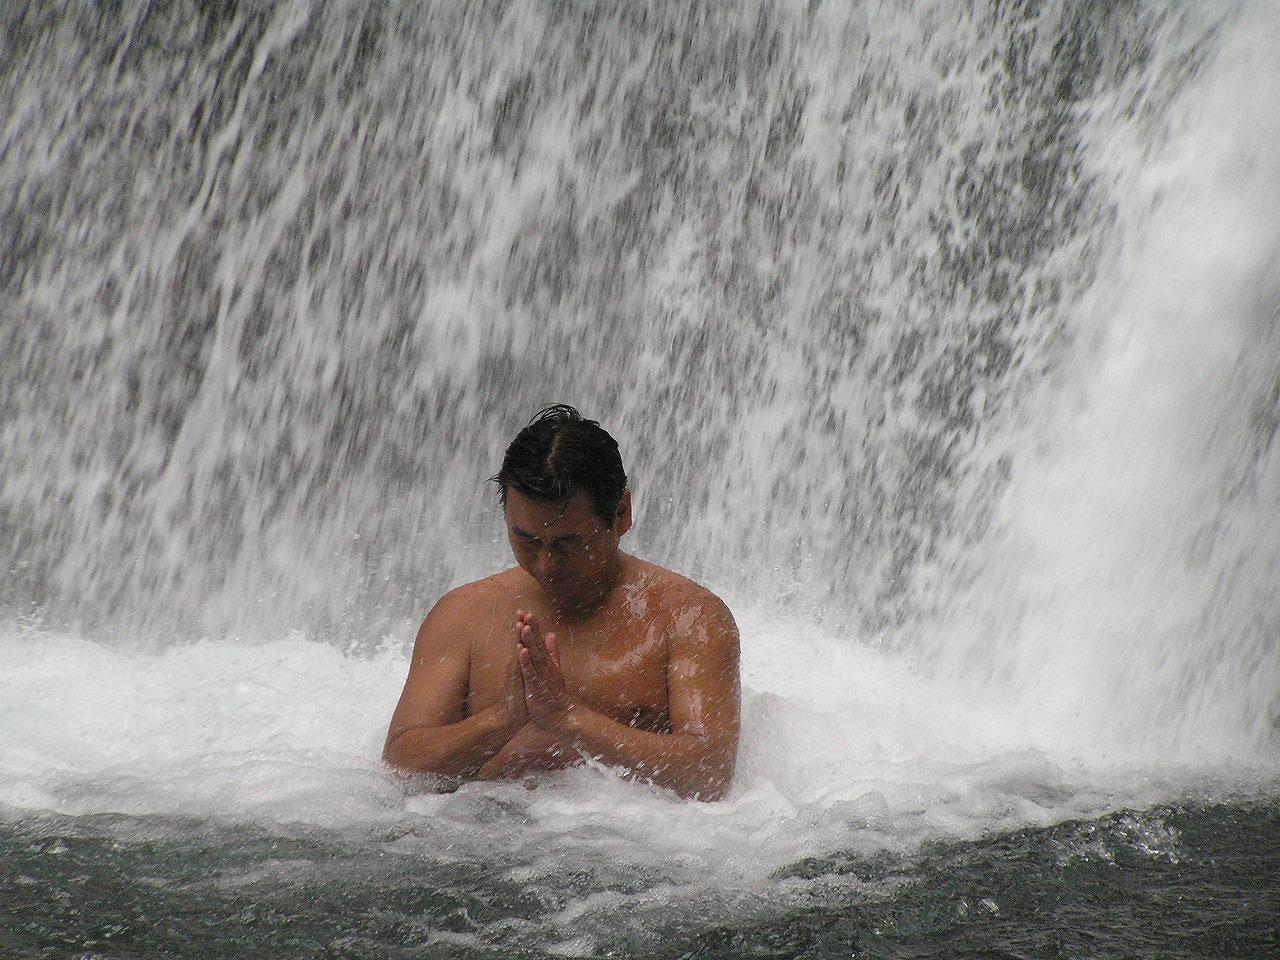 裸で滝に打たれる男性